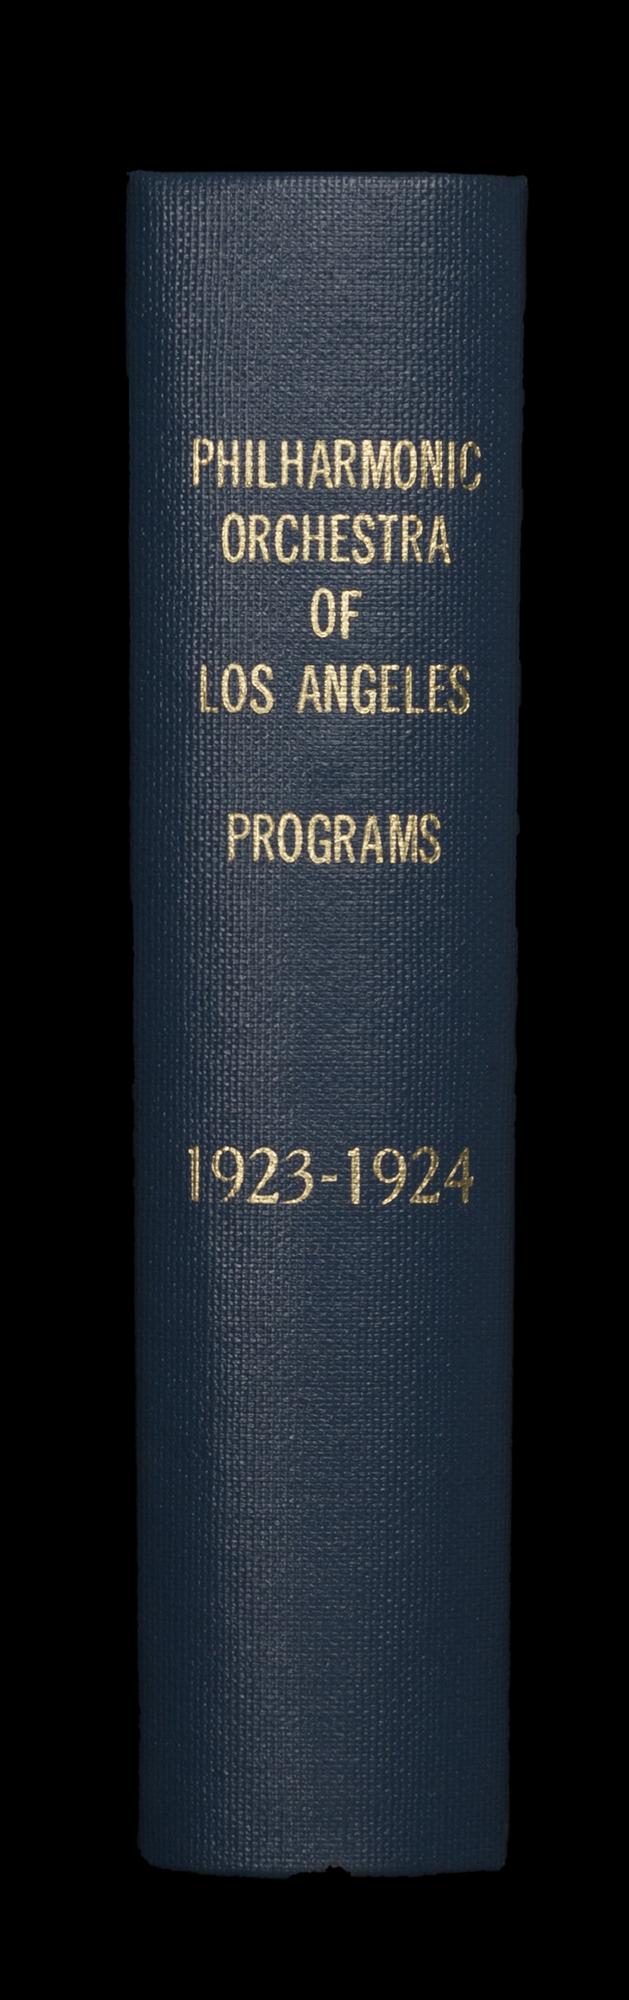 LAPO_ProgramBook_Spine_1923-1924.jpg